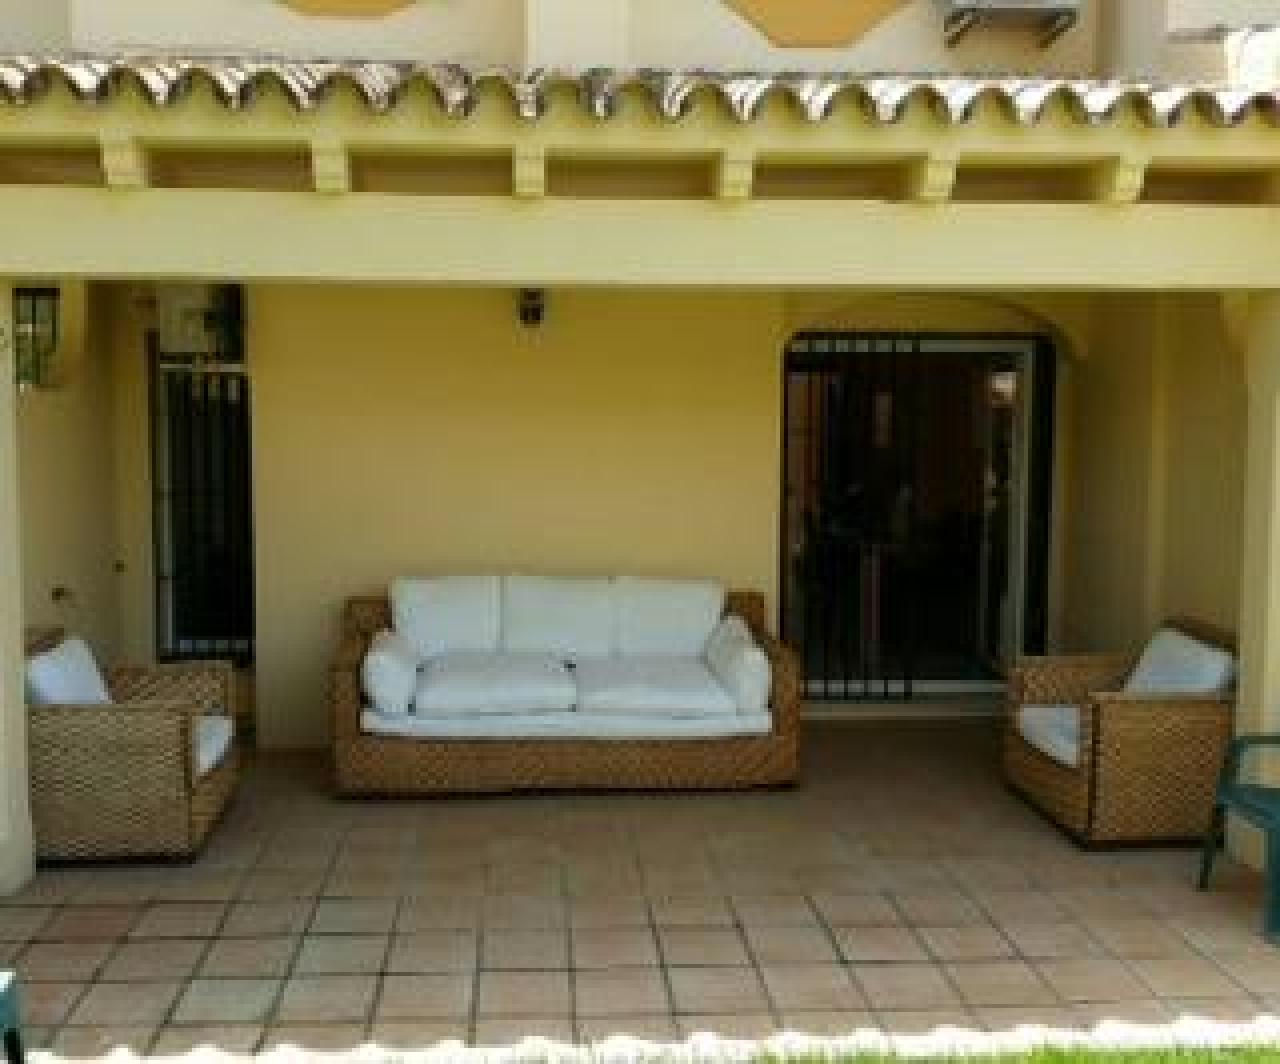 Alquiler de apartamentos Chiclana de la Frontera, Cádiz